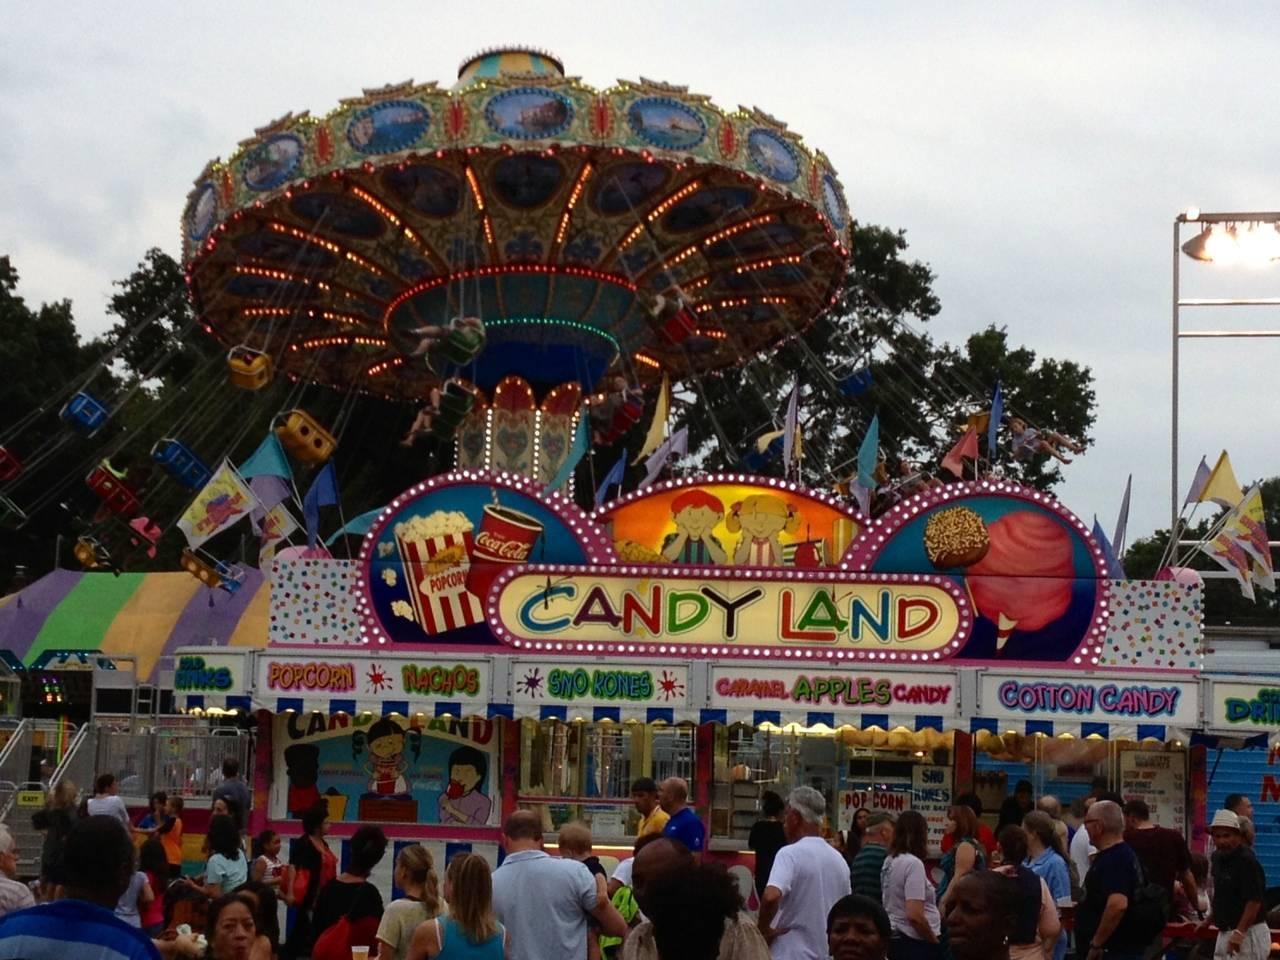 19a9c97e89ea73f25ef8_Candyland.jpg